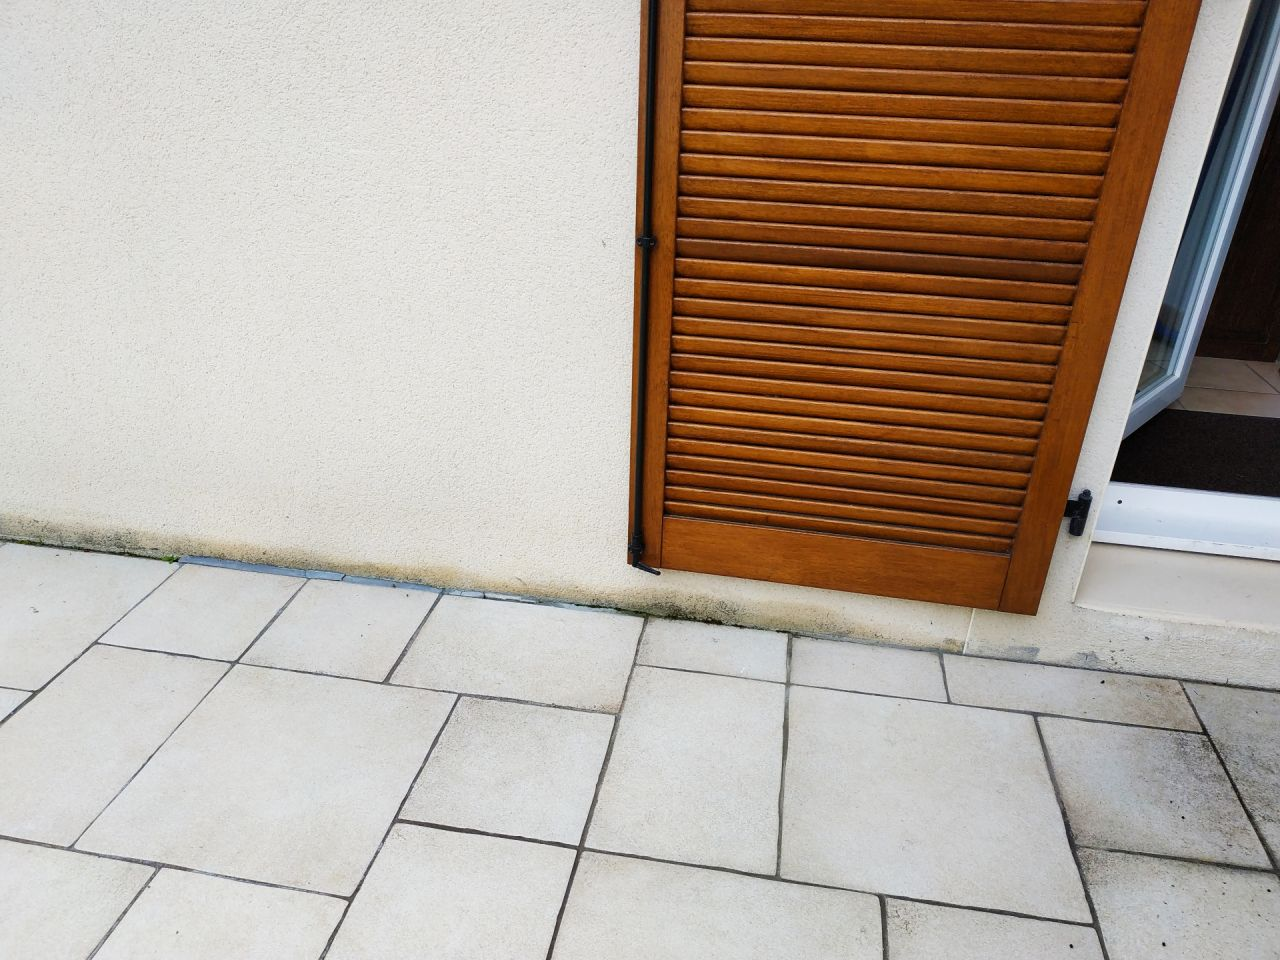 Humidité malgré la géomembrane étanche et la terrasse (dalle + carrelage)